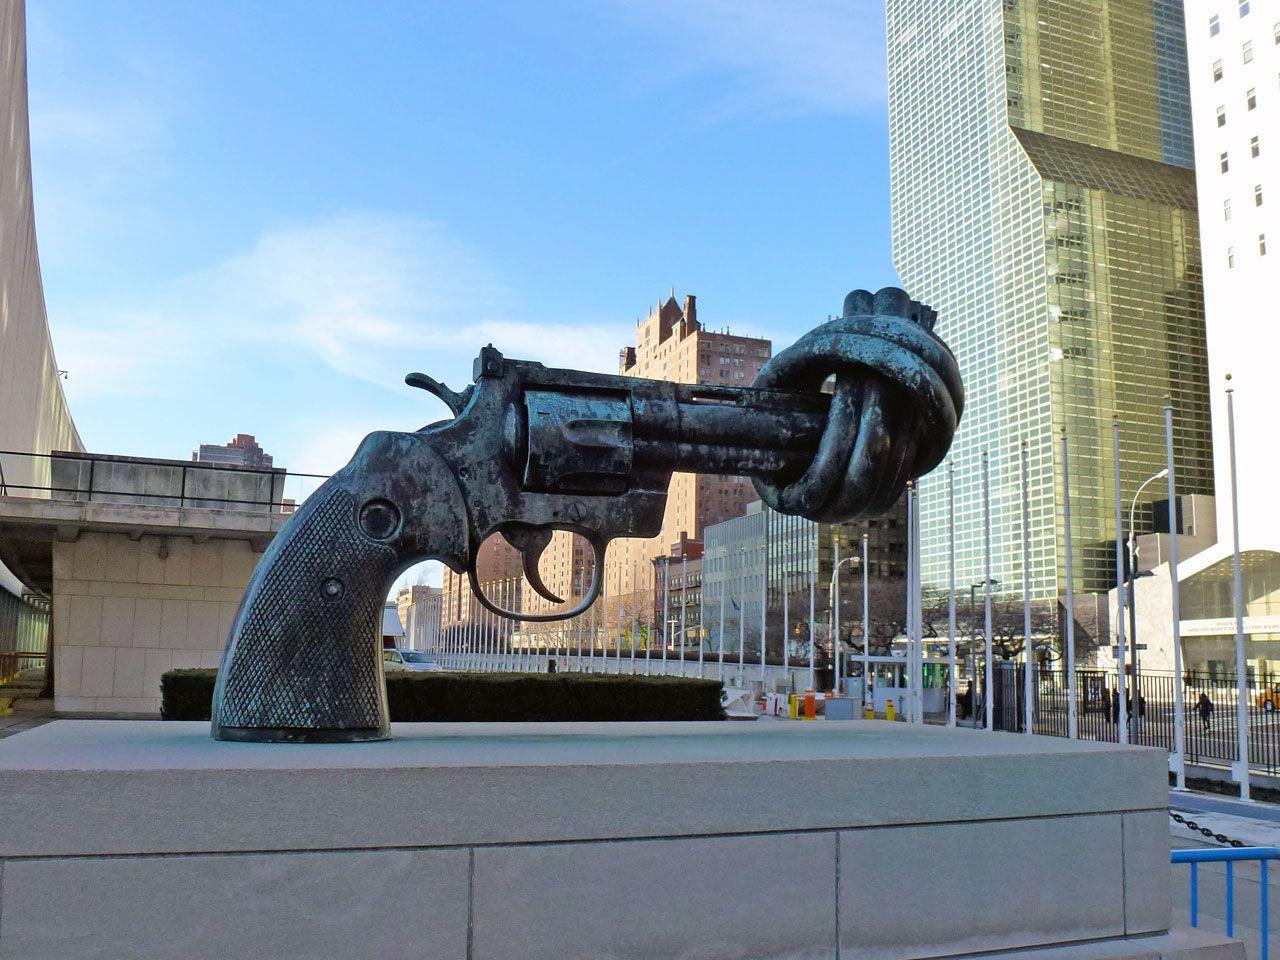 Die Ermordung John Lennons (1980) inspirierte den schwedischen Künstler Carl Fredrik Reuterswärd (1934–2016) zu seiner Bronzeskulptur »Non Violence«. Außer dem Exemplar vor dem UN-Hauptgebäude in New York (1988) gibt es zahlreiche weitere Versionen in Schweden, Deutschland, Frankreich, China, Mexiko und anderen Ländern. (Wikimedia Commons, ZhengZhou, Non-Violence sculpture in front of UN headquarters NY, CC BY-SA 3.0)